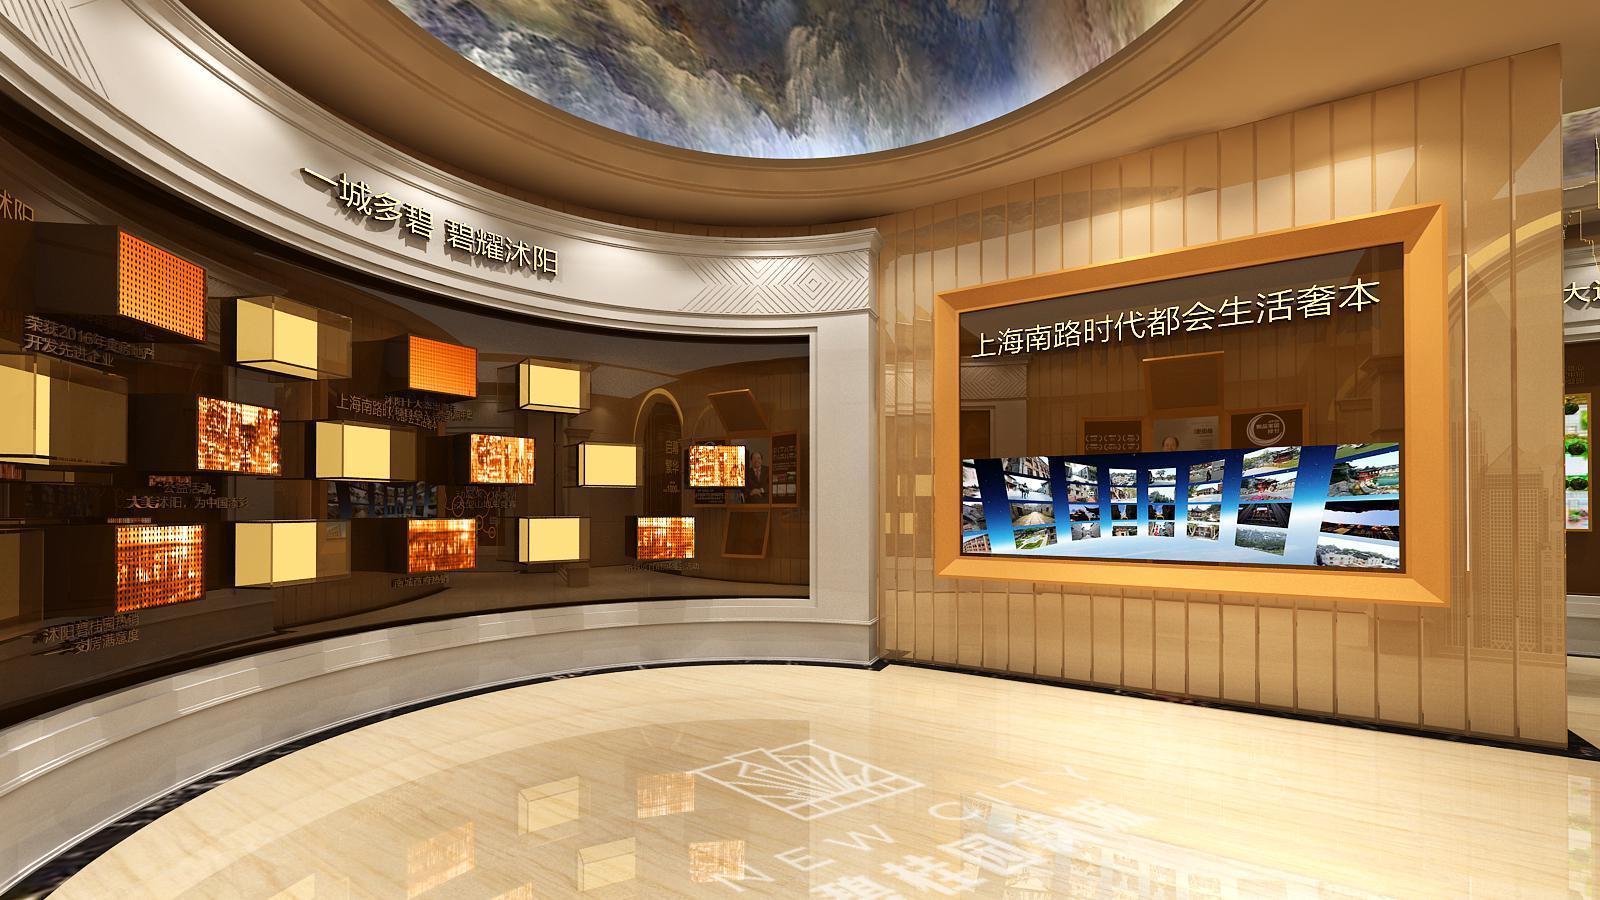 碧桂园新城体验馆设计方案之品牌墙设计效果图